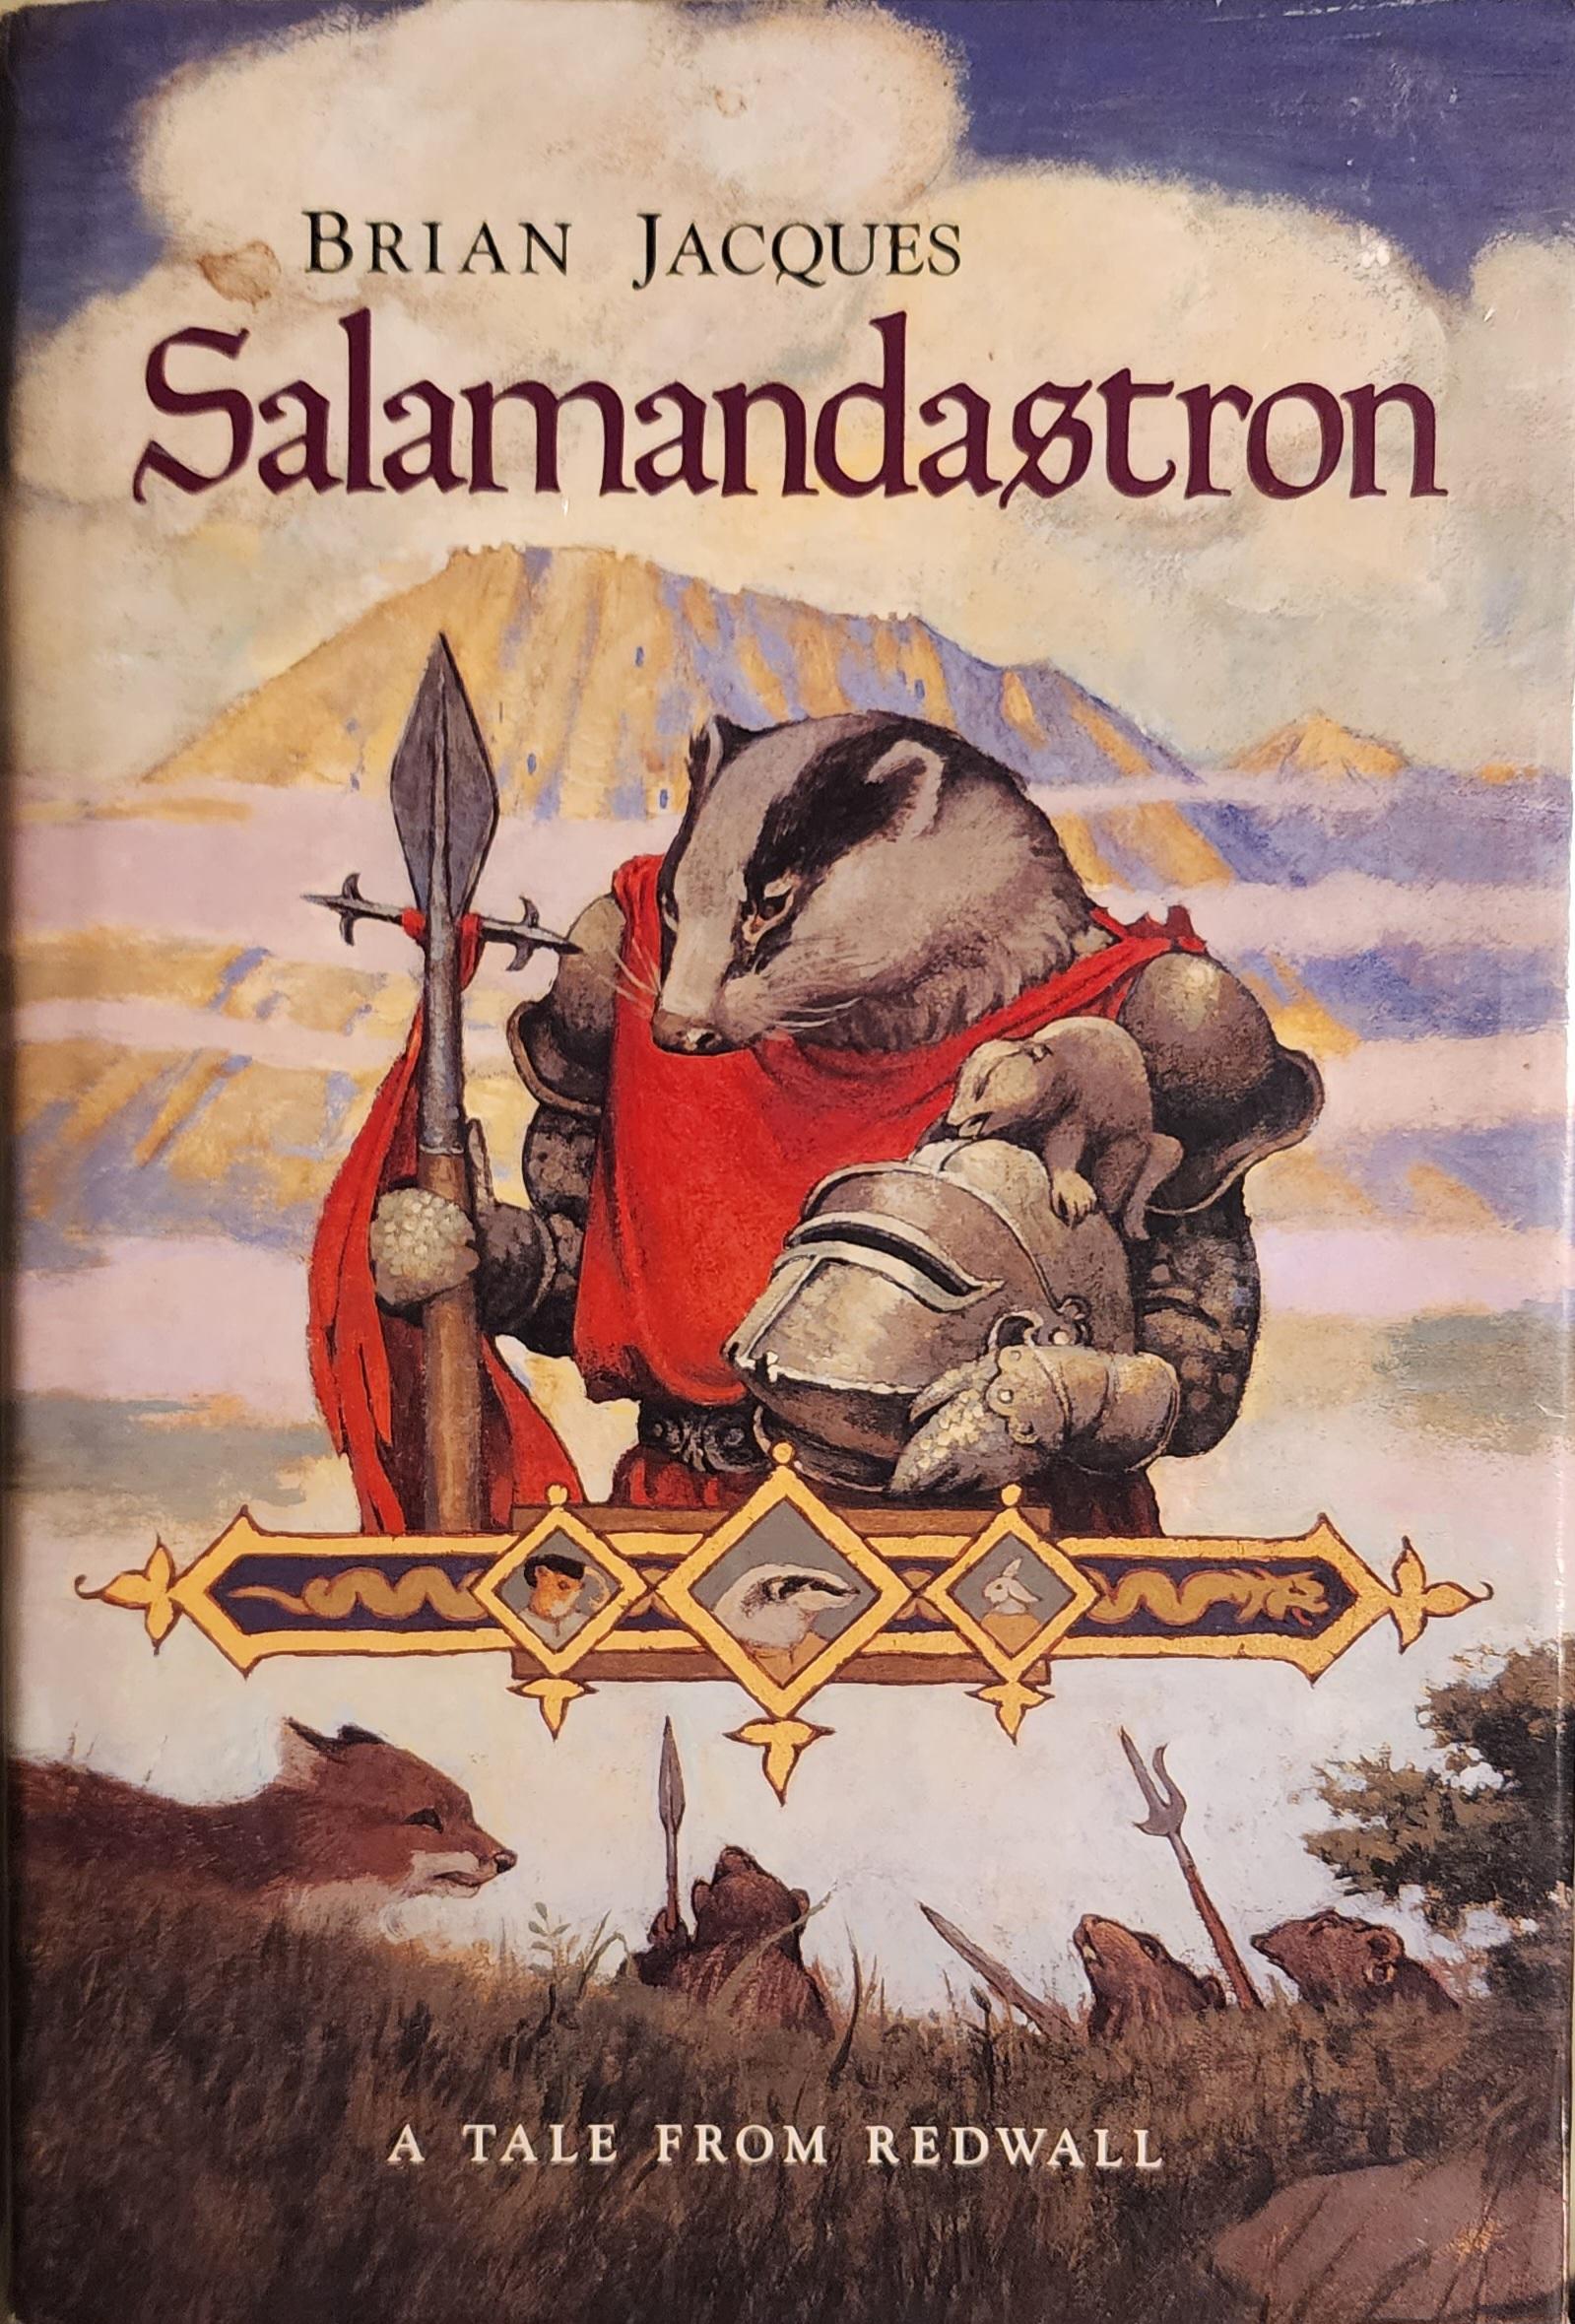 File:SalamandastronUS.jpg